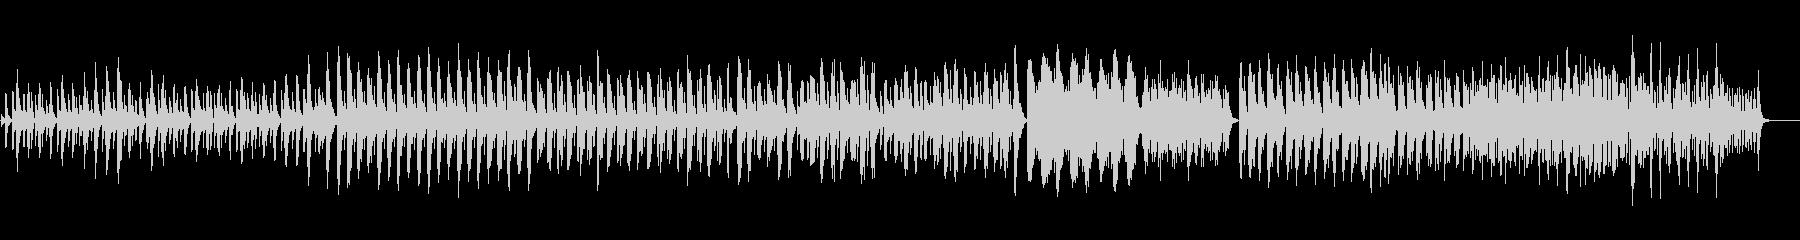 ハープの古代音楽風の神秘的な曲の未再生の波形